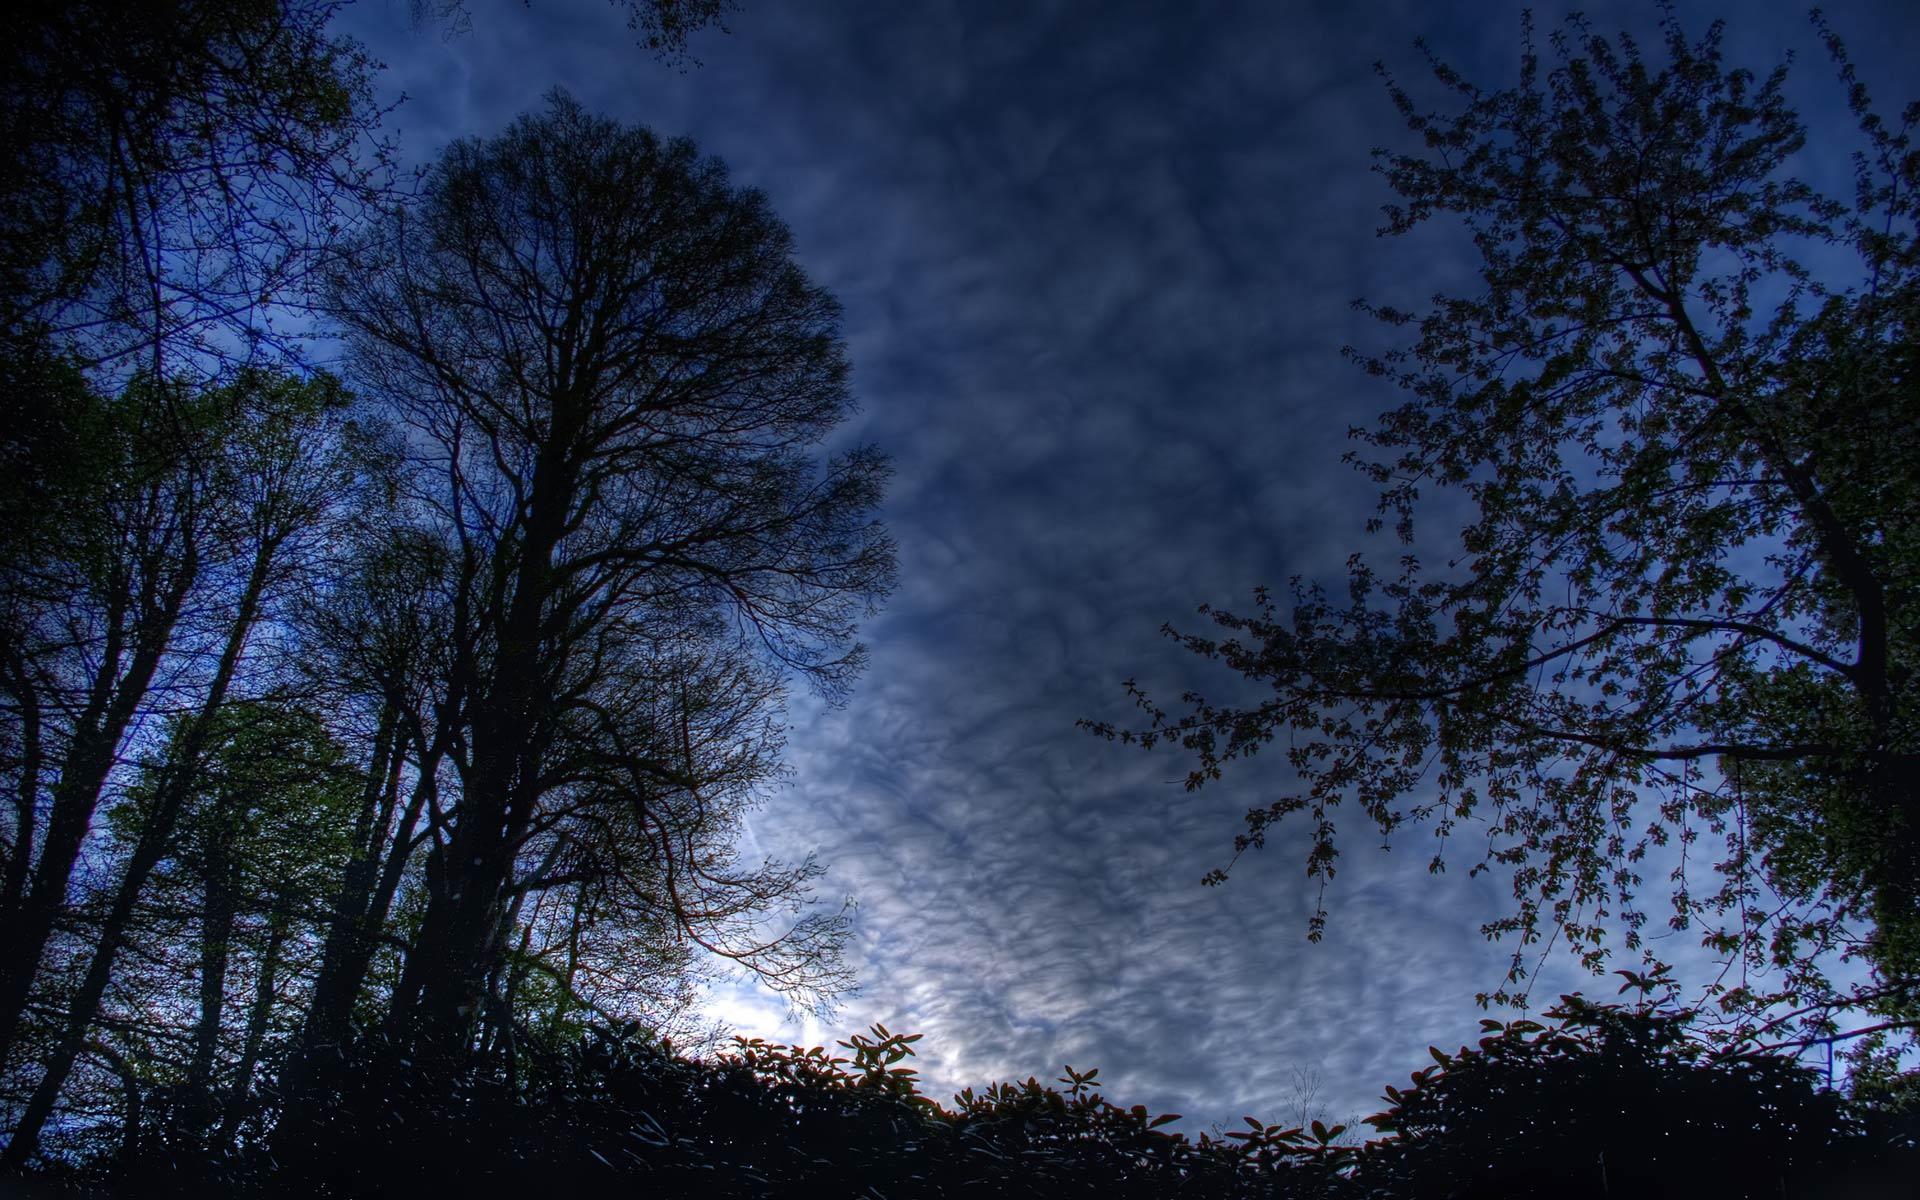 night sky wallpaper 11294